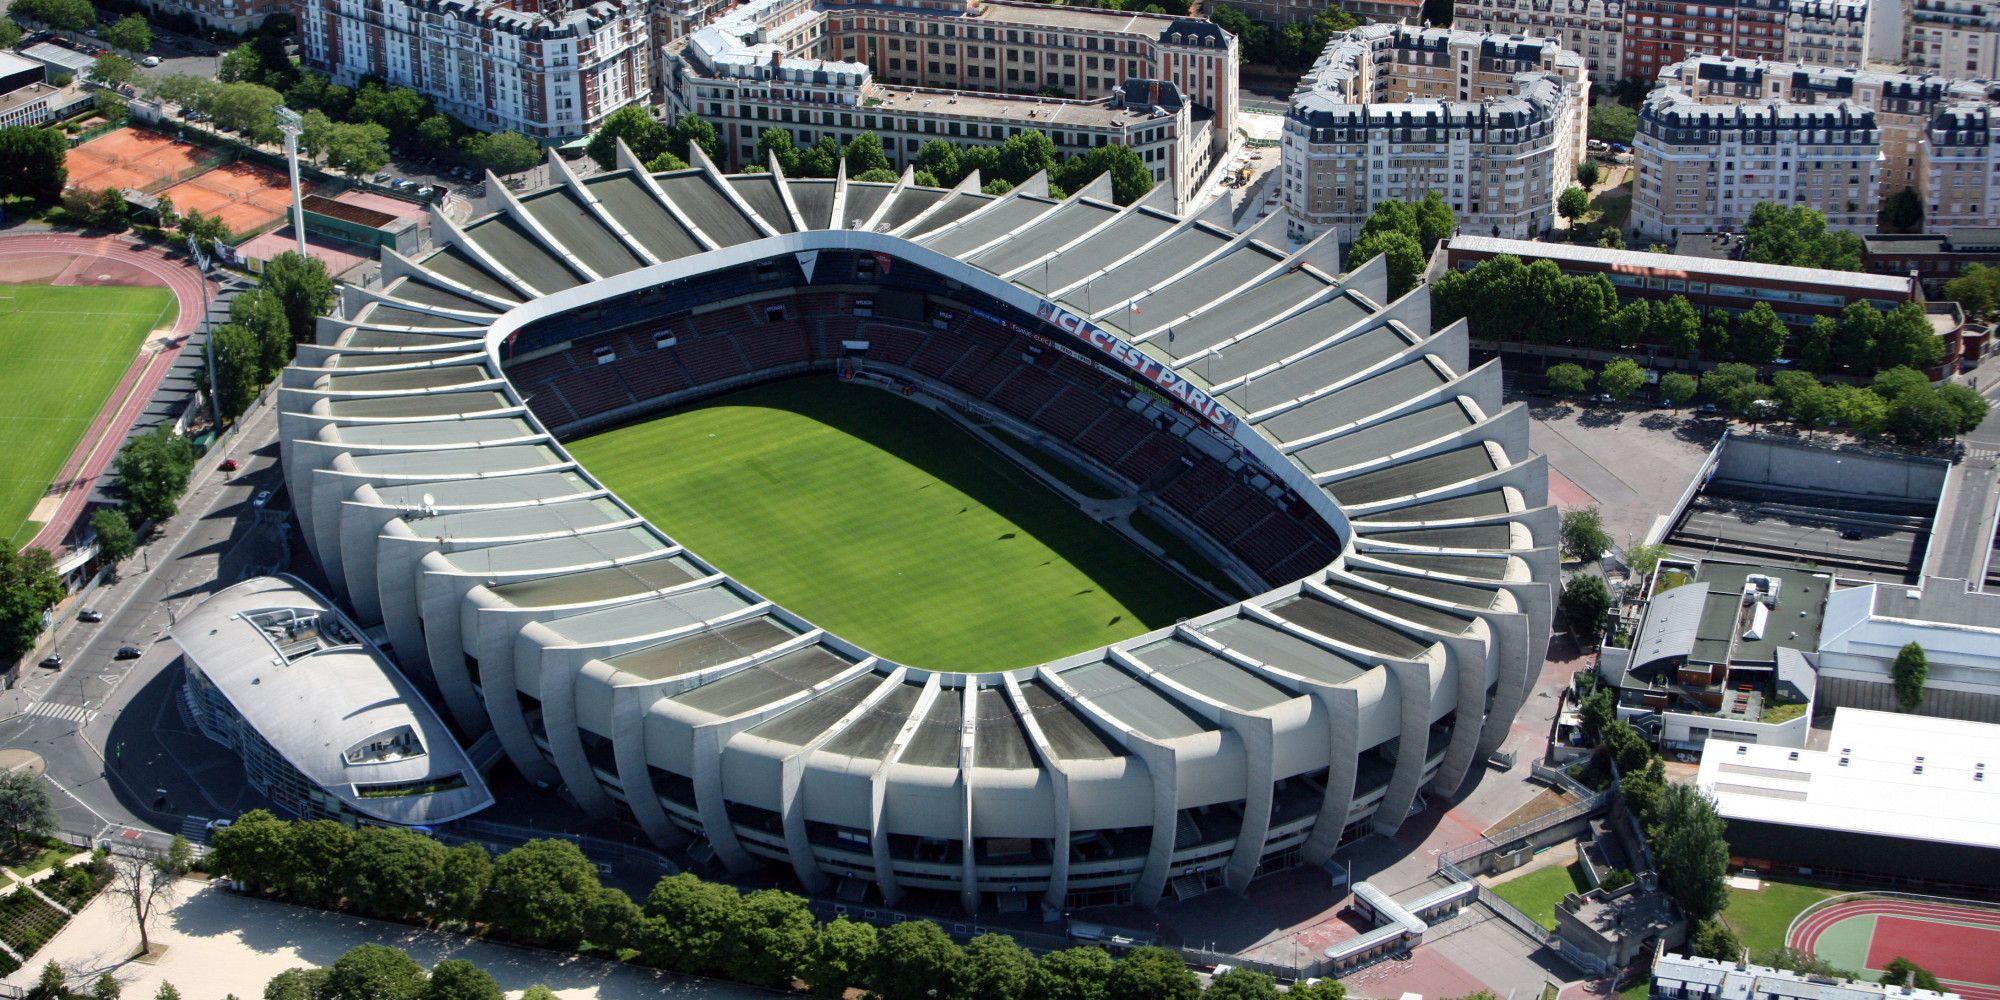 Parc Des Princes Paris St Germain Stadium Architecture Football Stadiums Stadium